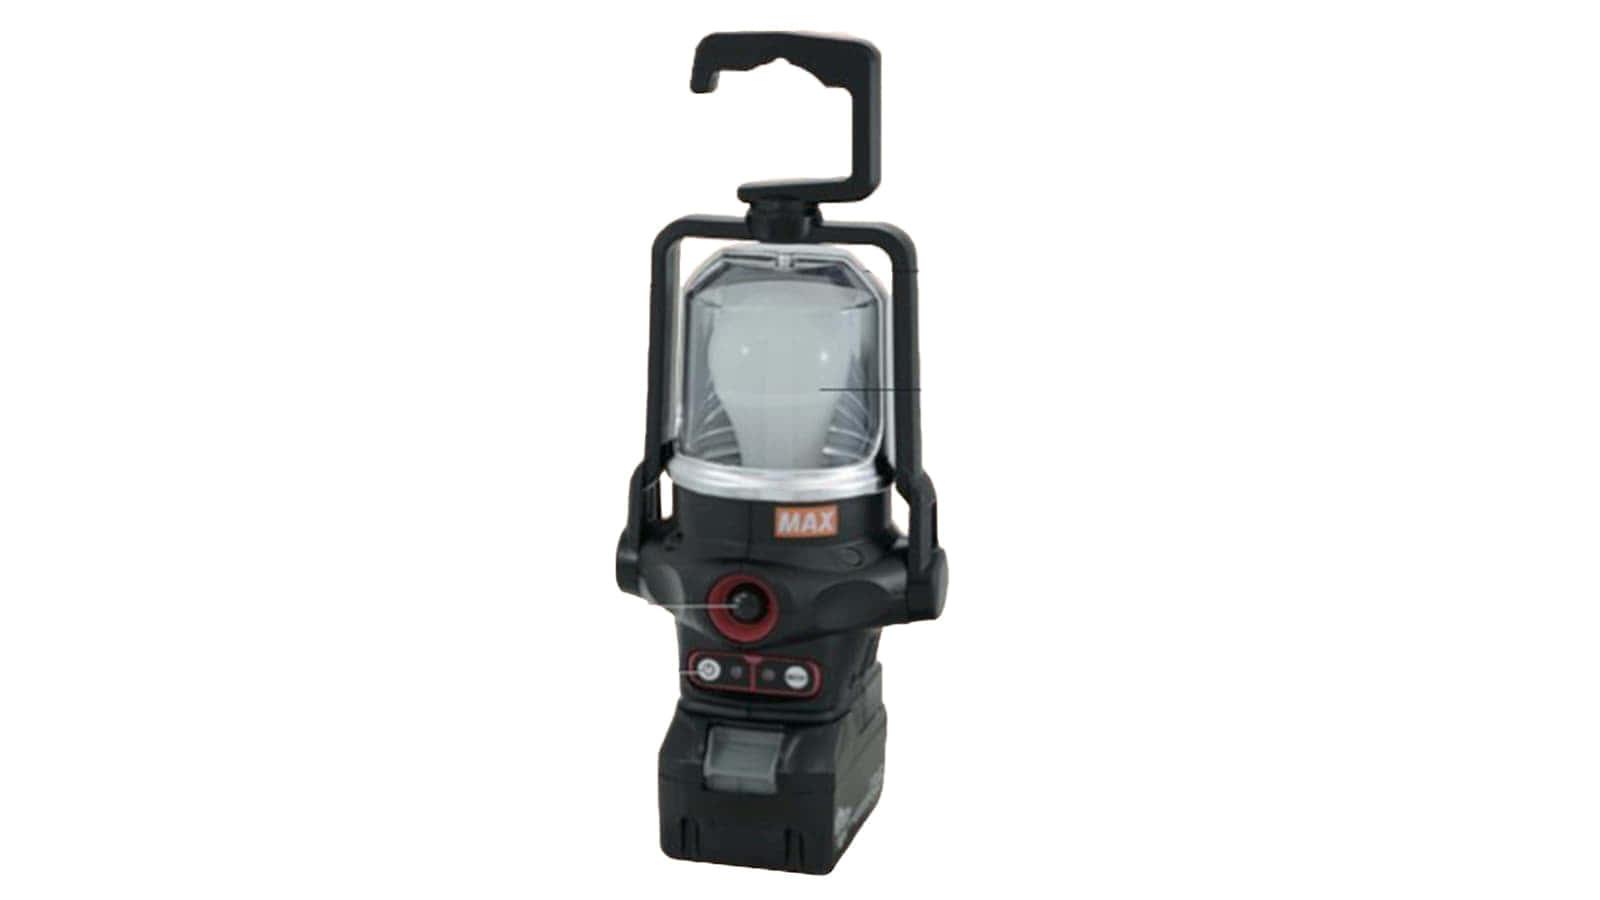 マックス AJ-LT91 充電式パワーランプ、人感センサーを搭載